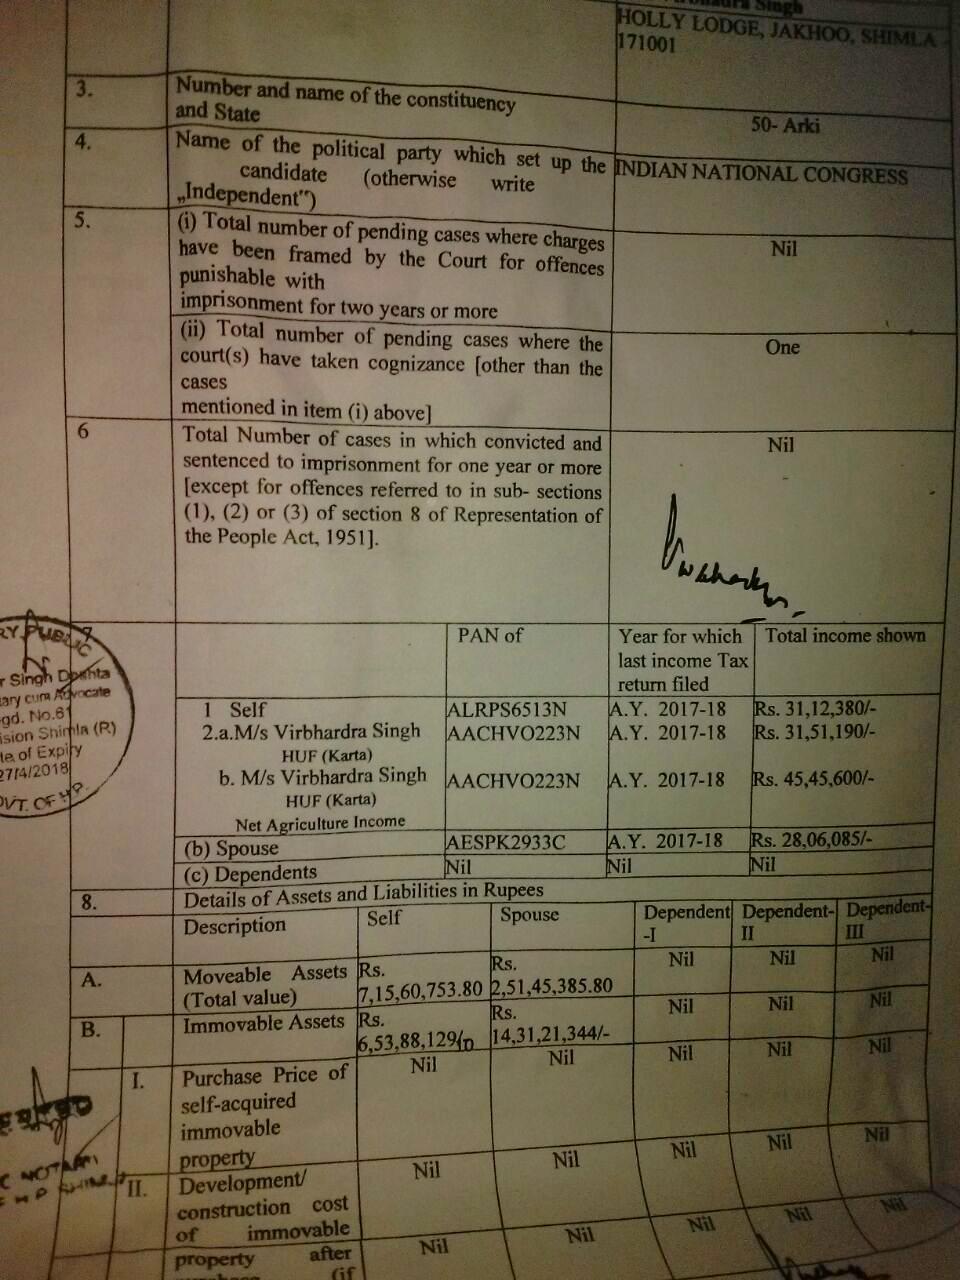 CM वीरभद्र ने  भरा नामांकन, क्रप्शन का एक मामला,करोड़ों की चल-अचल संपति , यहां देखे पूरा ब्योरा